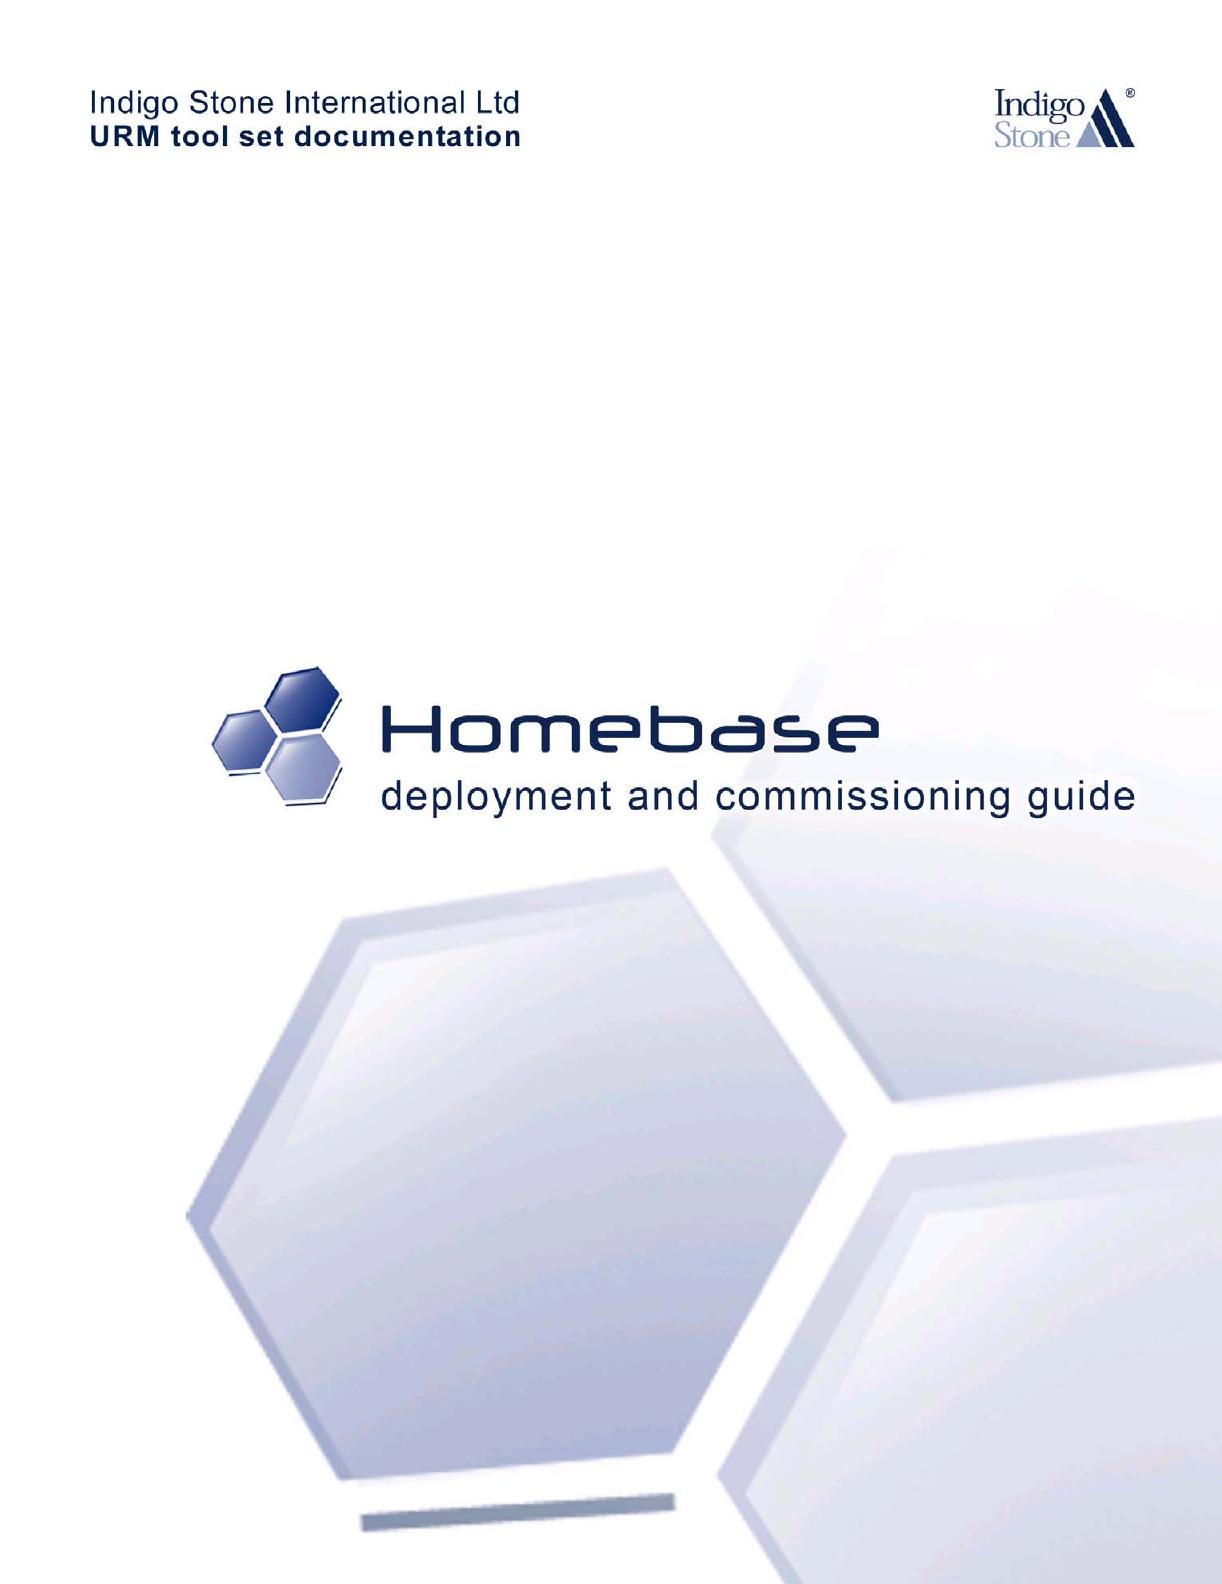 ligg app homebase